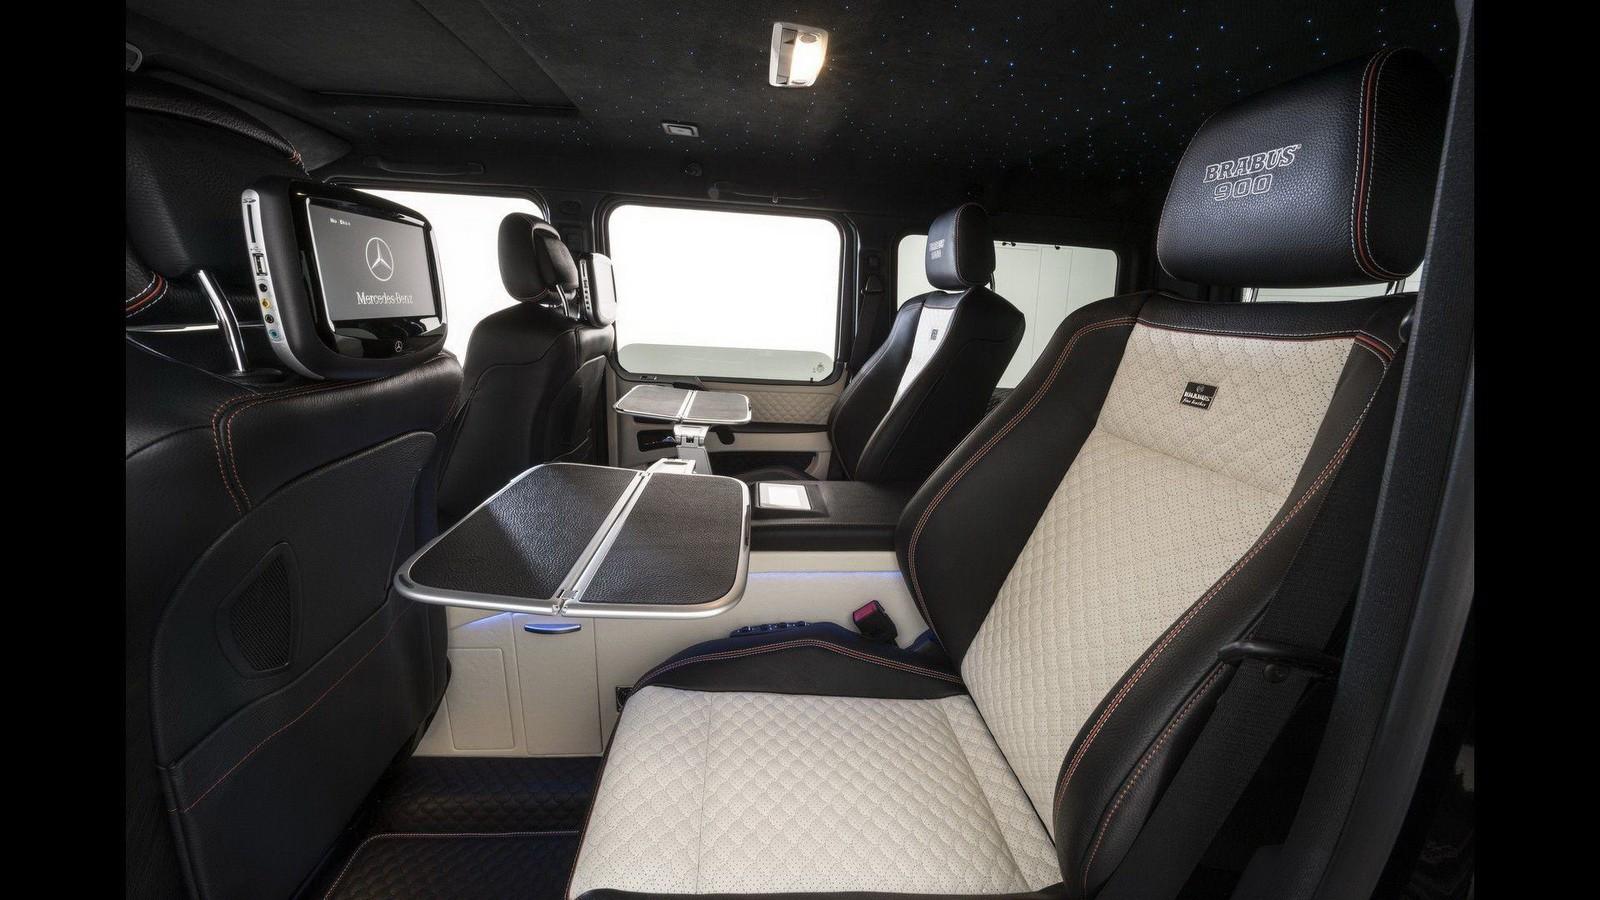 2014 Mercedes Benz CLS63 AMG 4Matic Original Pictures